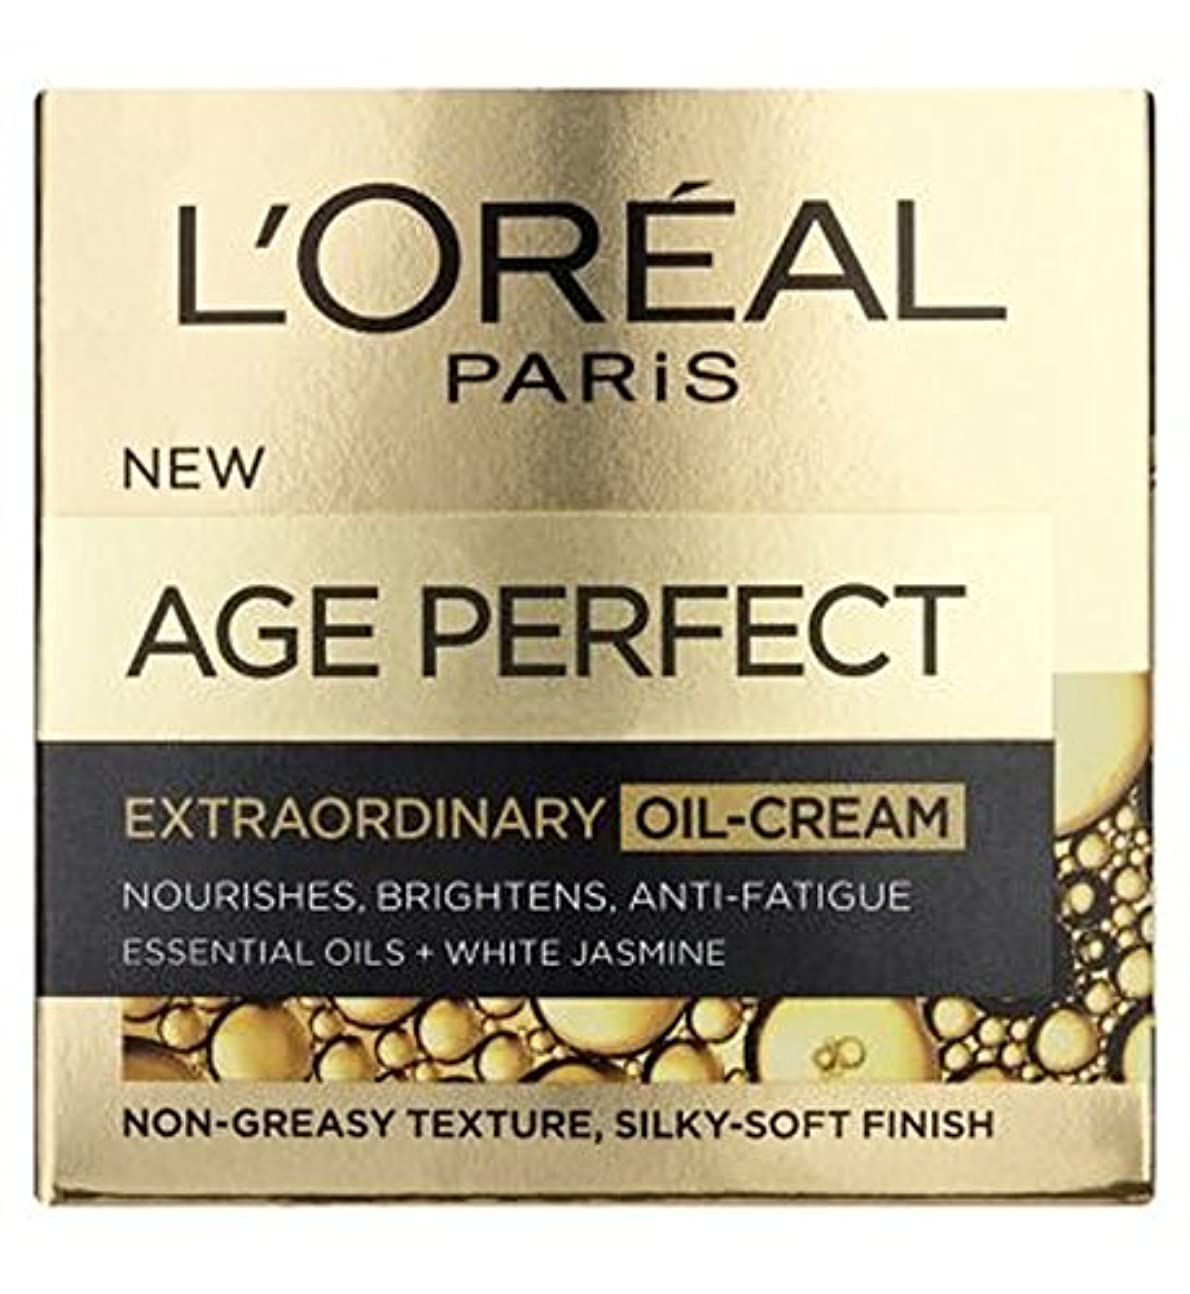 アラブ人ハング象L'Oreal Paris Extraordinary Oil Cream - ロレアルパリ臨時油クリーム (L'Oreal) [並行輸入品]